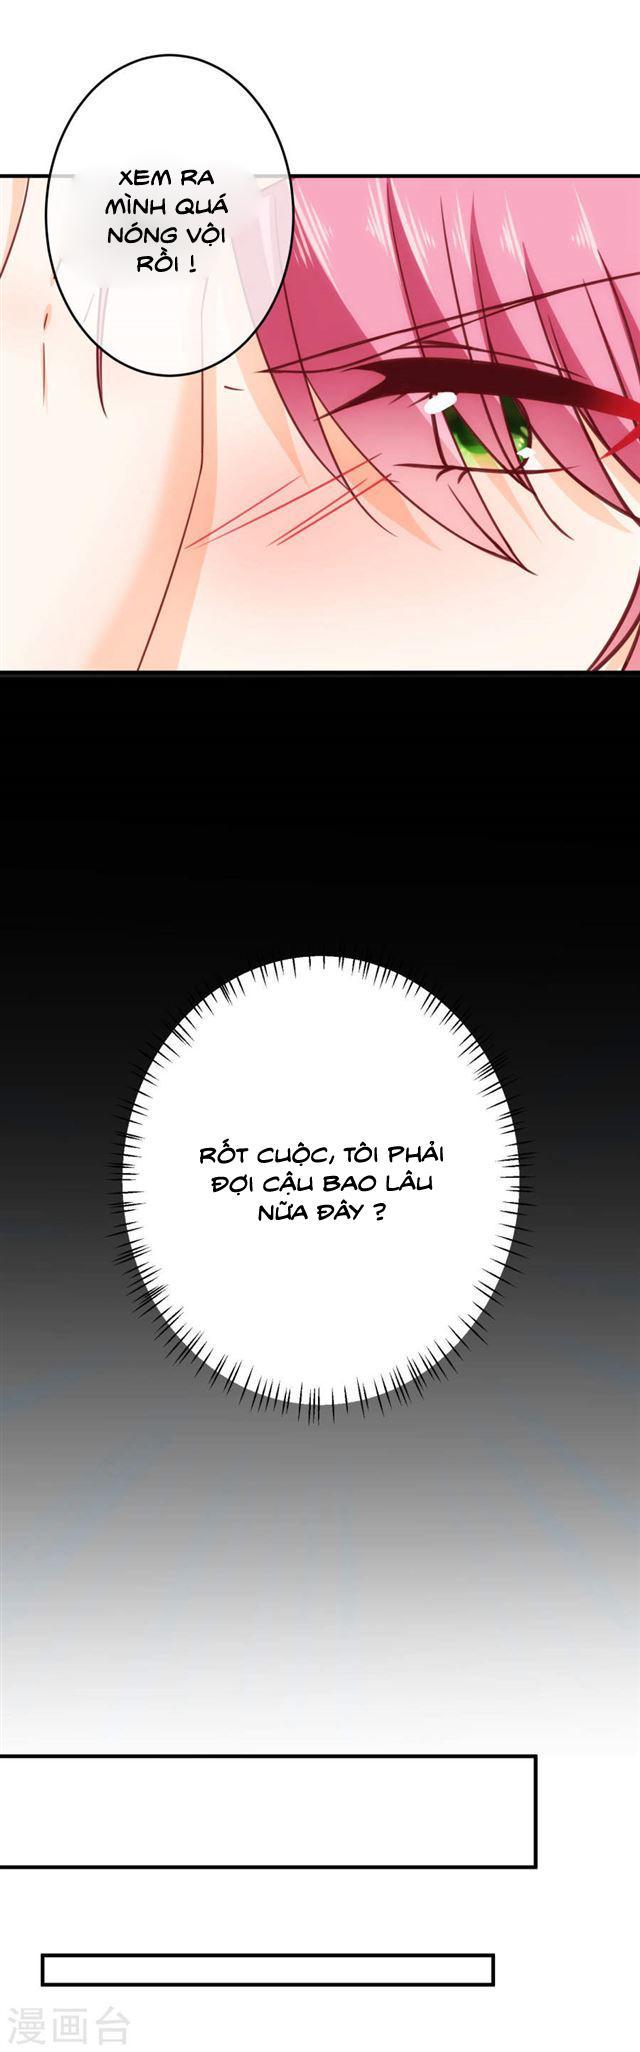 Hôm nay tôi sẽ yêu ai đây ? chap 20 - Trang 16